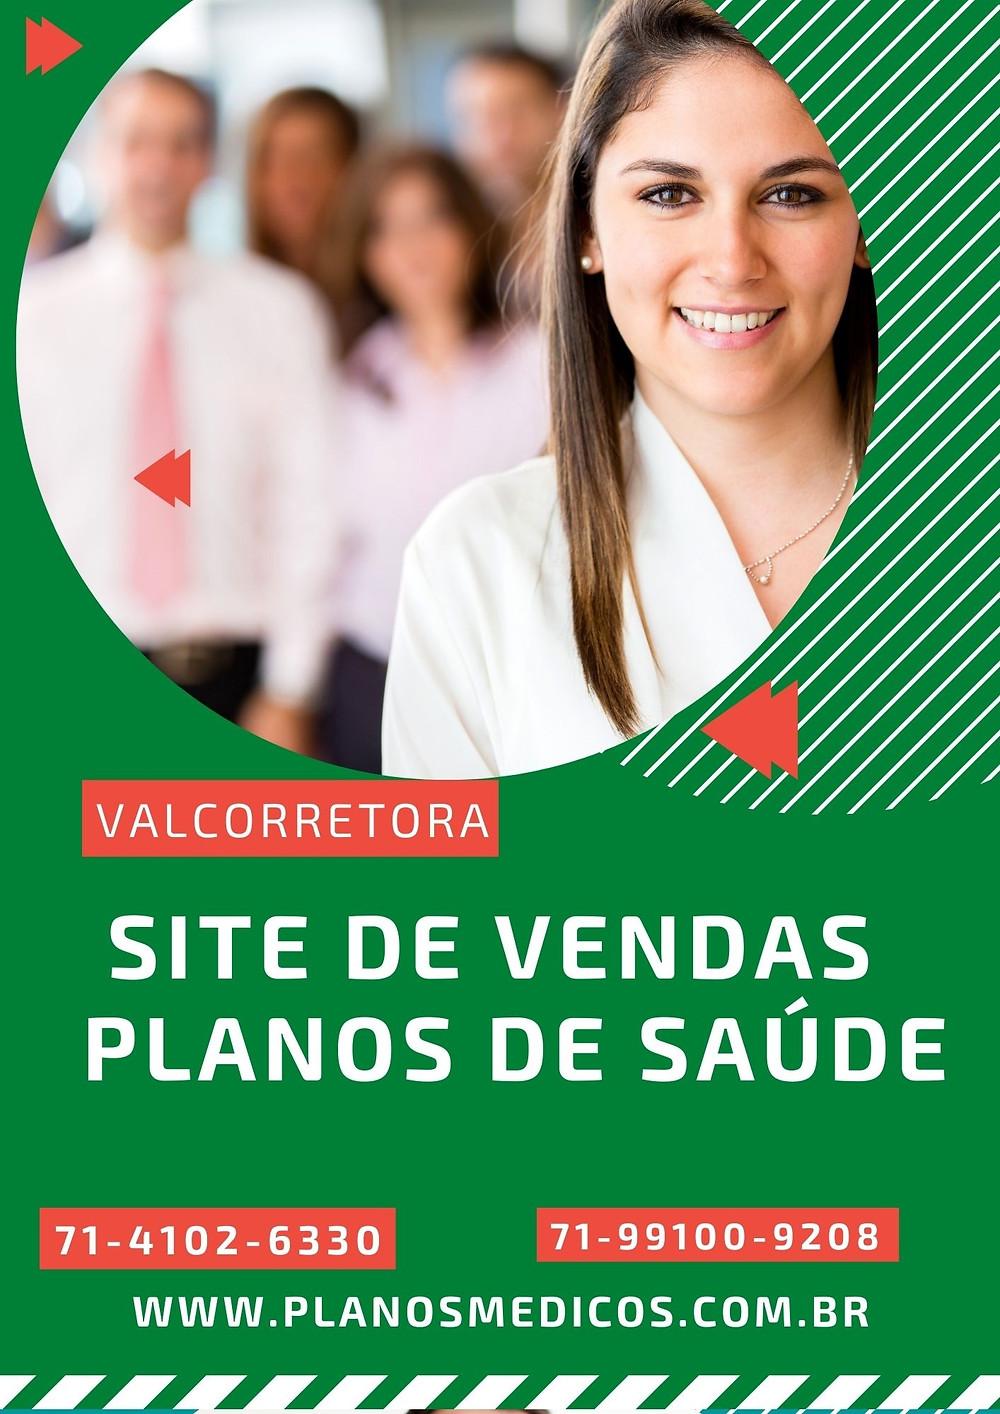 Corretor Planos de Saude | Bradesco Saúde Empresarial em Lauro de Freitas